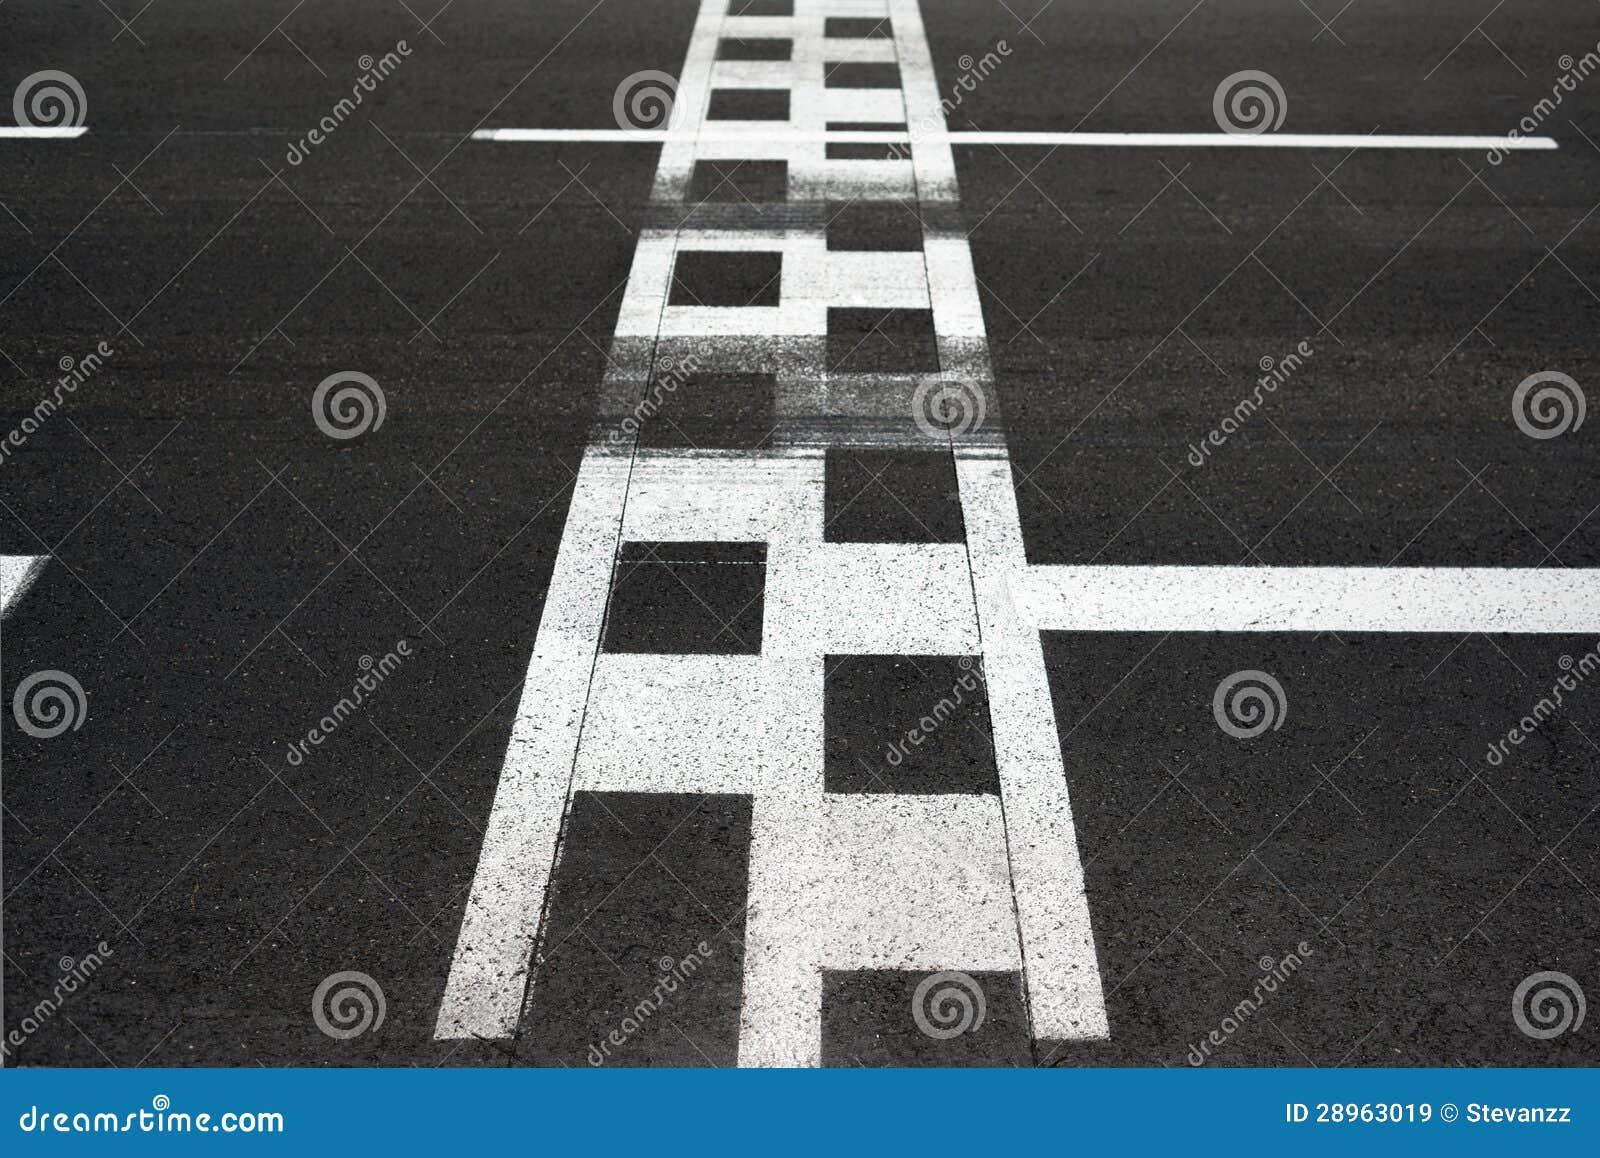 Schalten Sie Zu Und Beenden Sie Rennenleitung Kreisläuf Asphalt ...